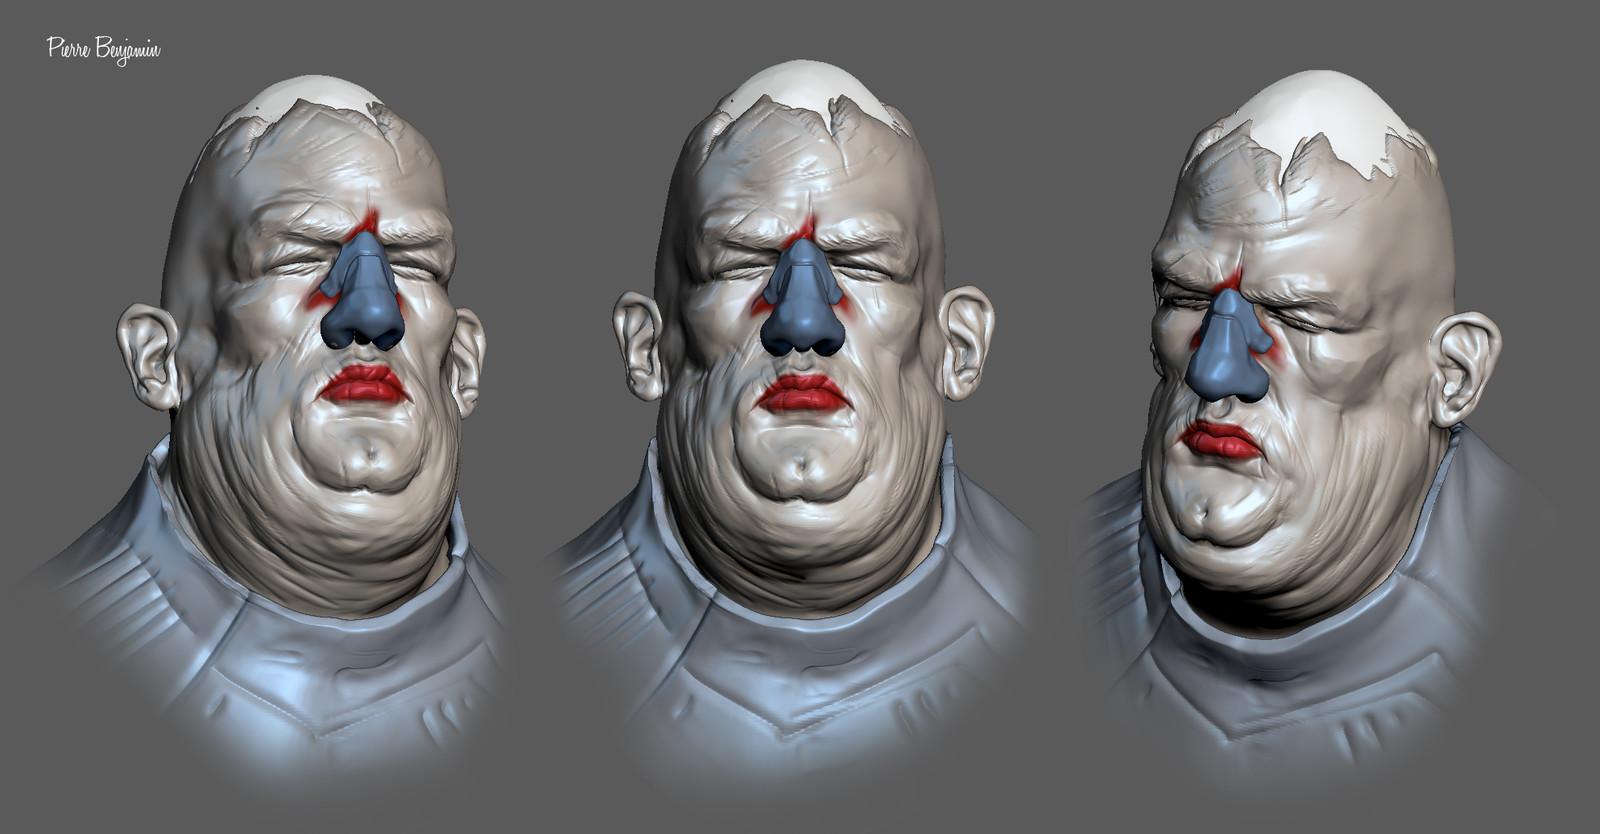 3D sculpt  based upon a Enki Bilal 2D concept character